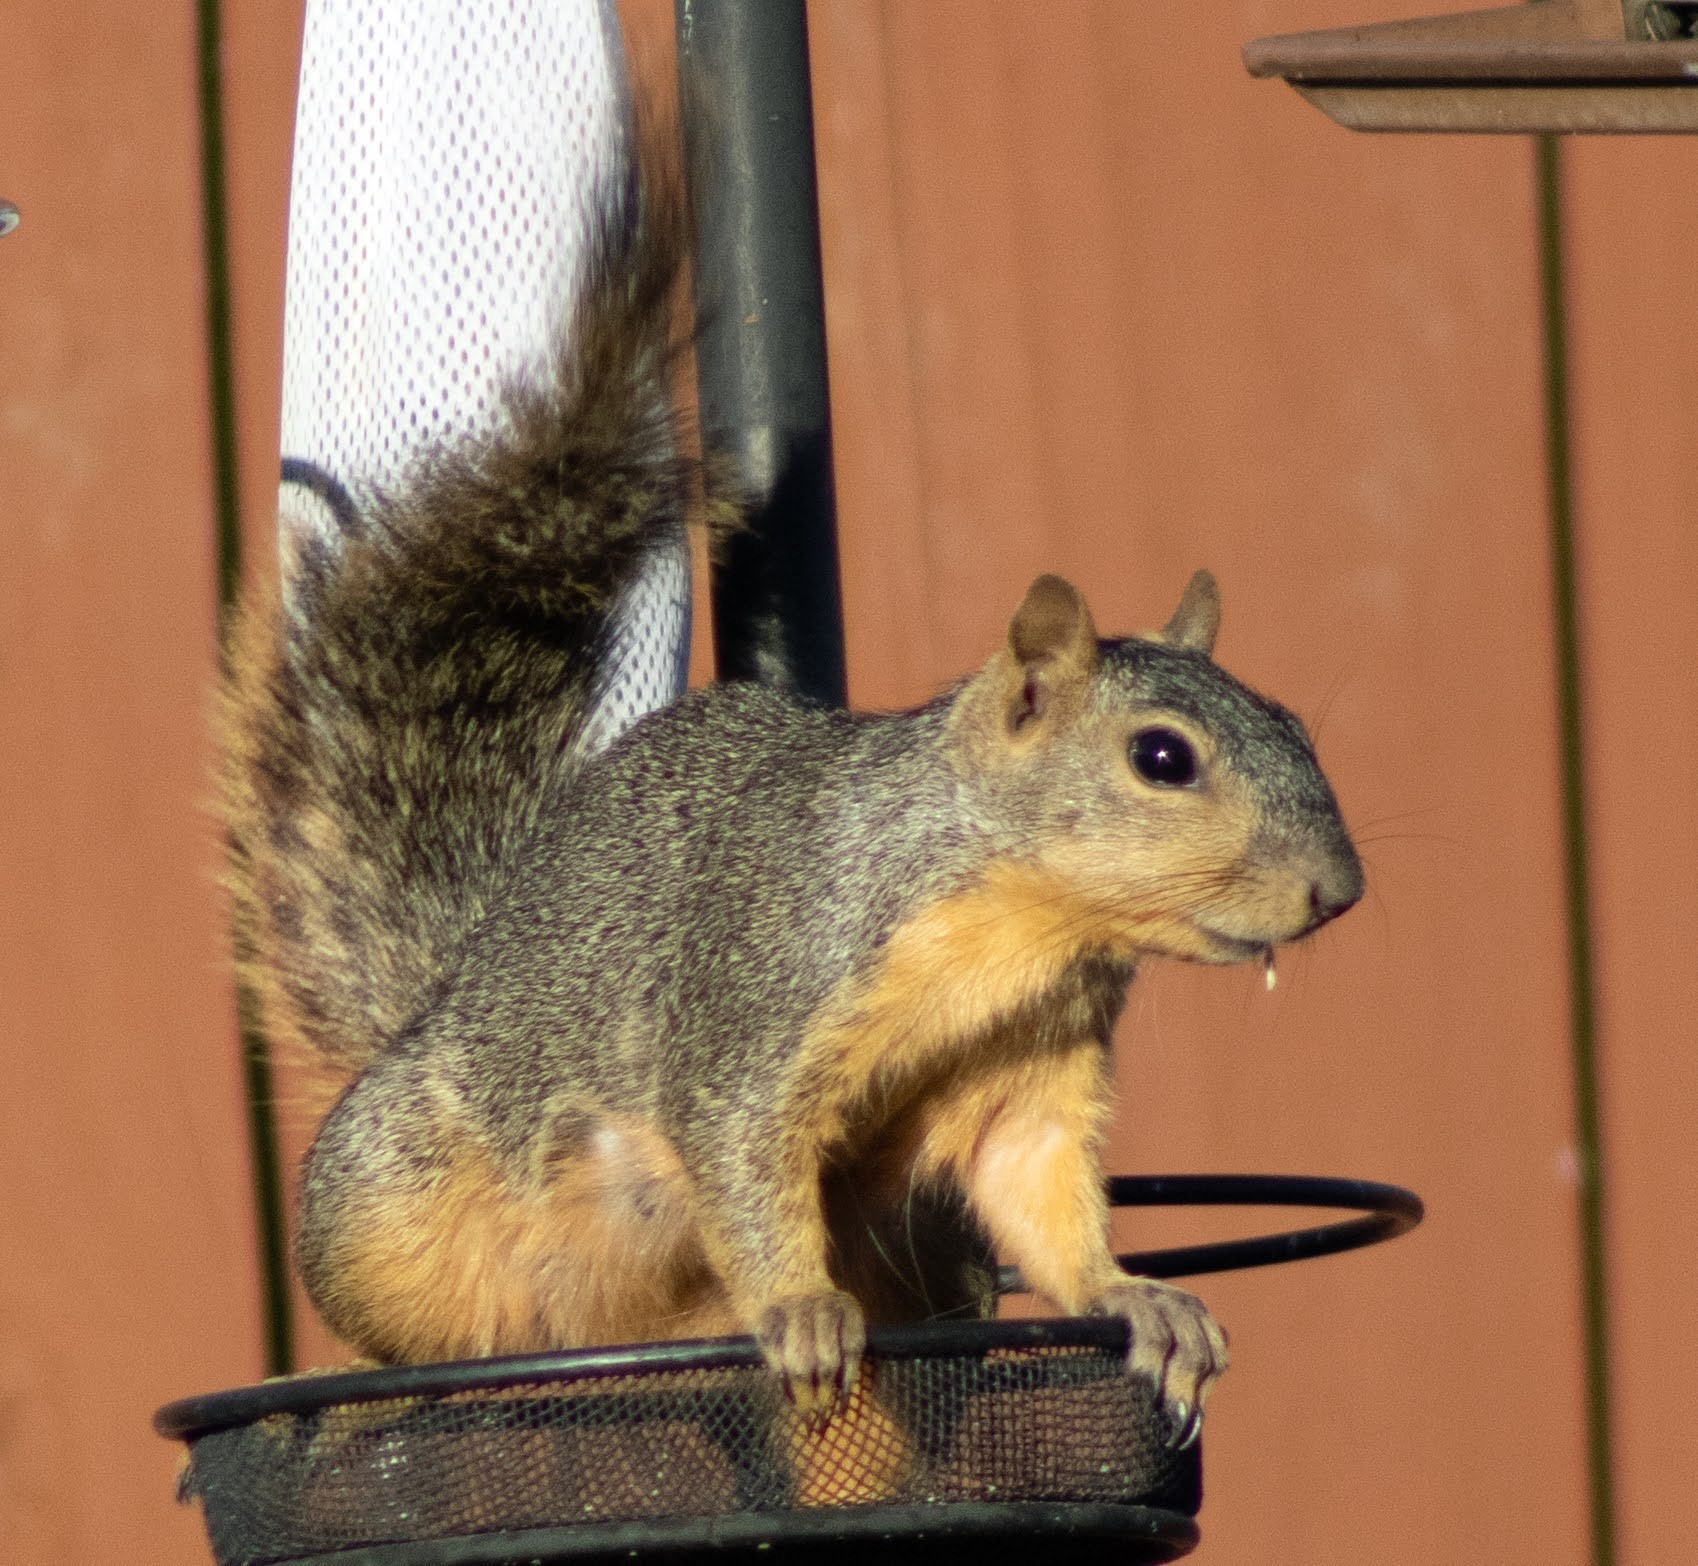 SquirrelOnFeeder03_Original.jpg